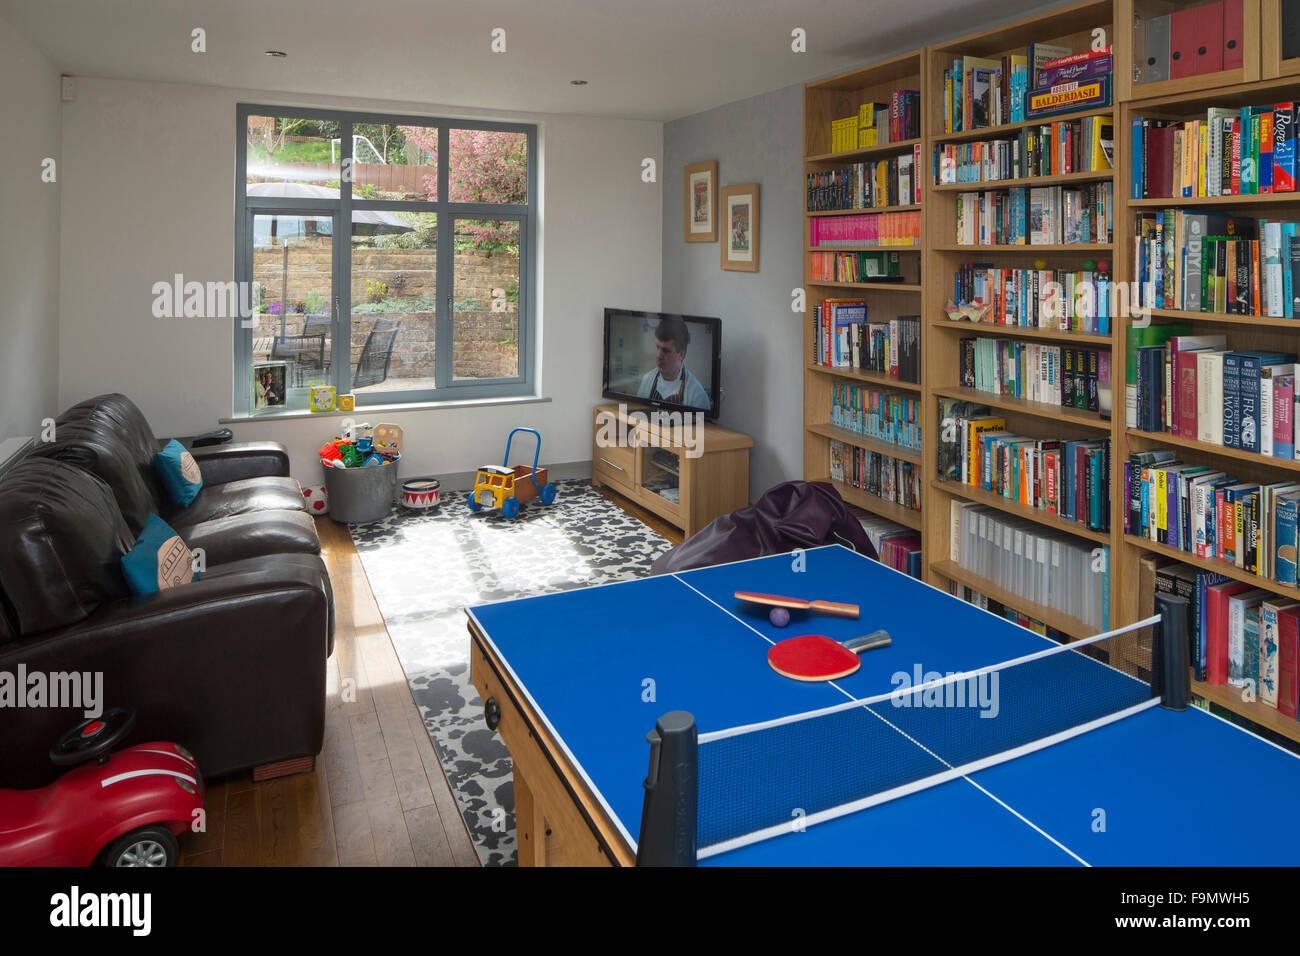 Playroom mostrando mesa de tenis de mesa, estanterías con libros y juguetes en un moden casa familiar. Imagen De Stock